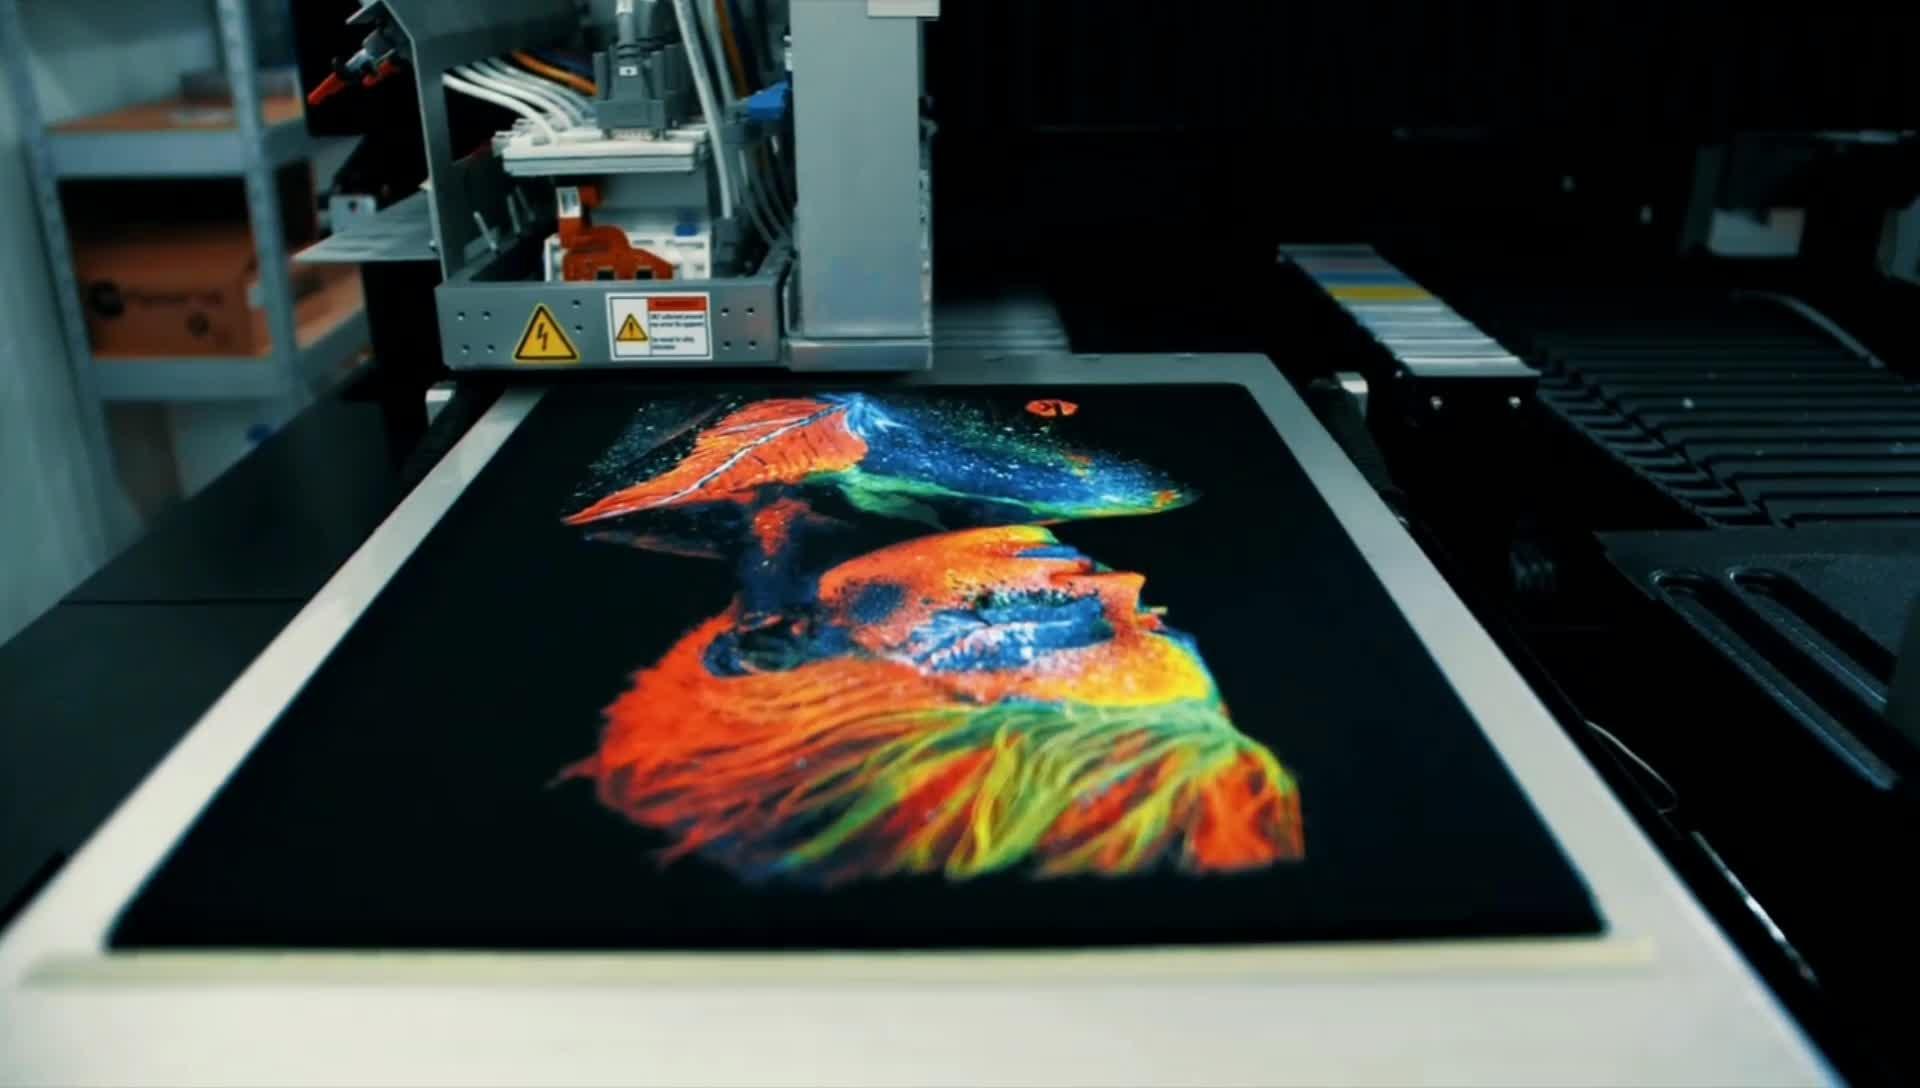 الرجل الأسود تي شيرت بسيط الشعار الخاص بك جرافيك تصميم النص طباعة تي شيرتات رائع 100% القطن بلايز مخصص تي شيرت الطباعة